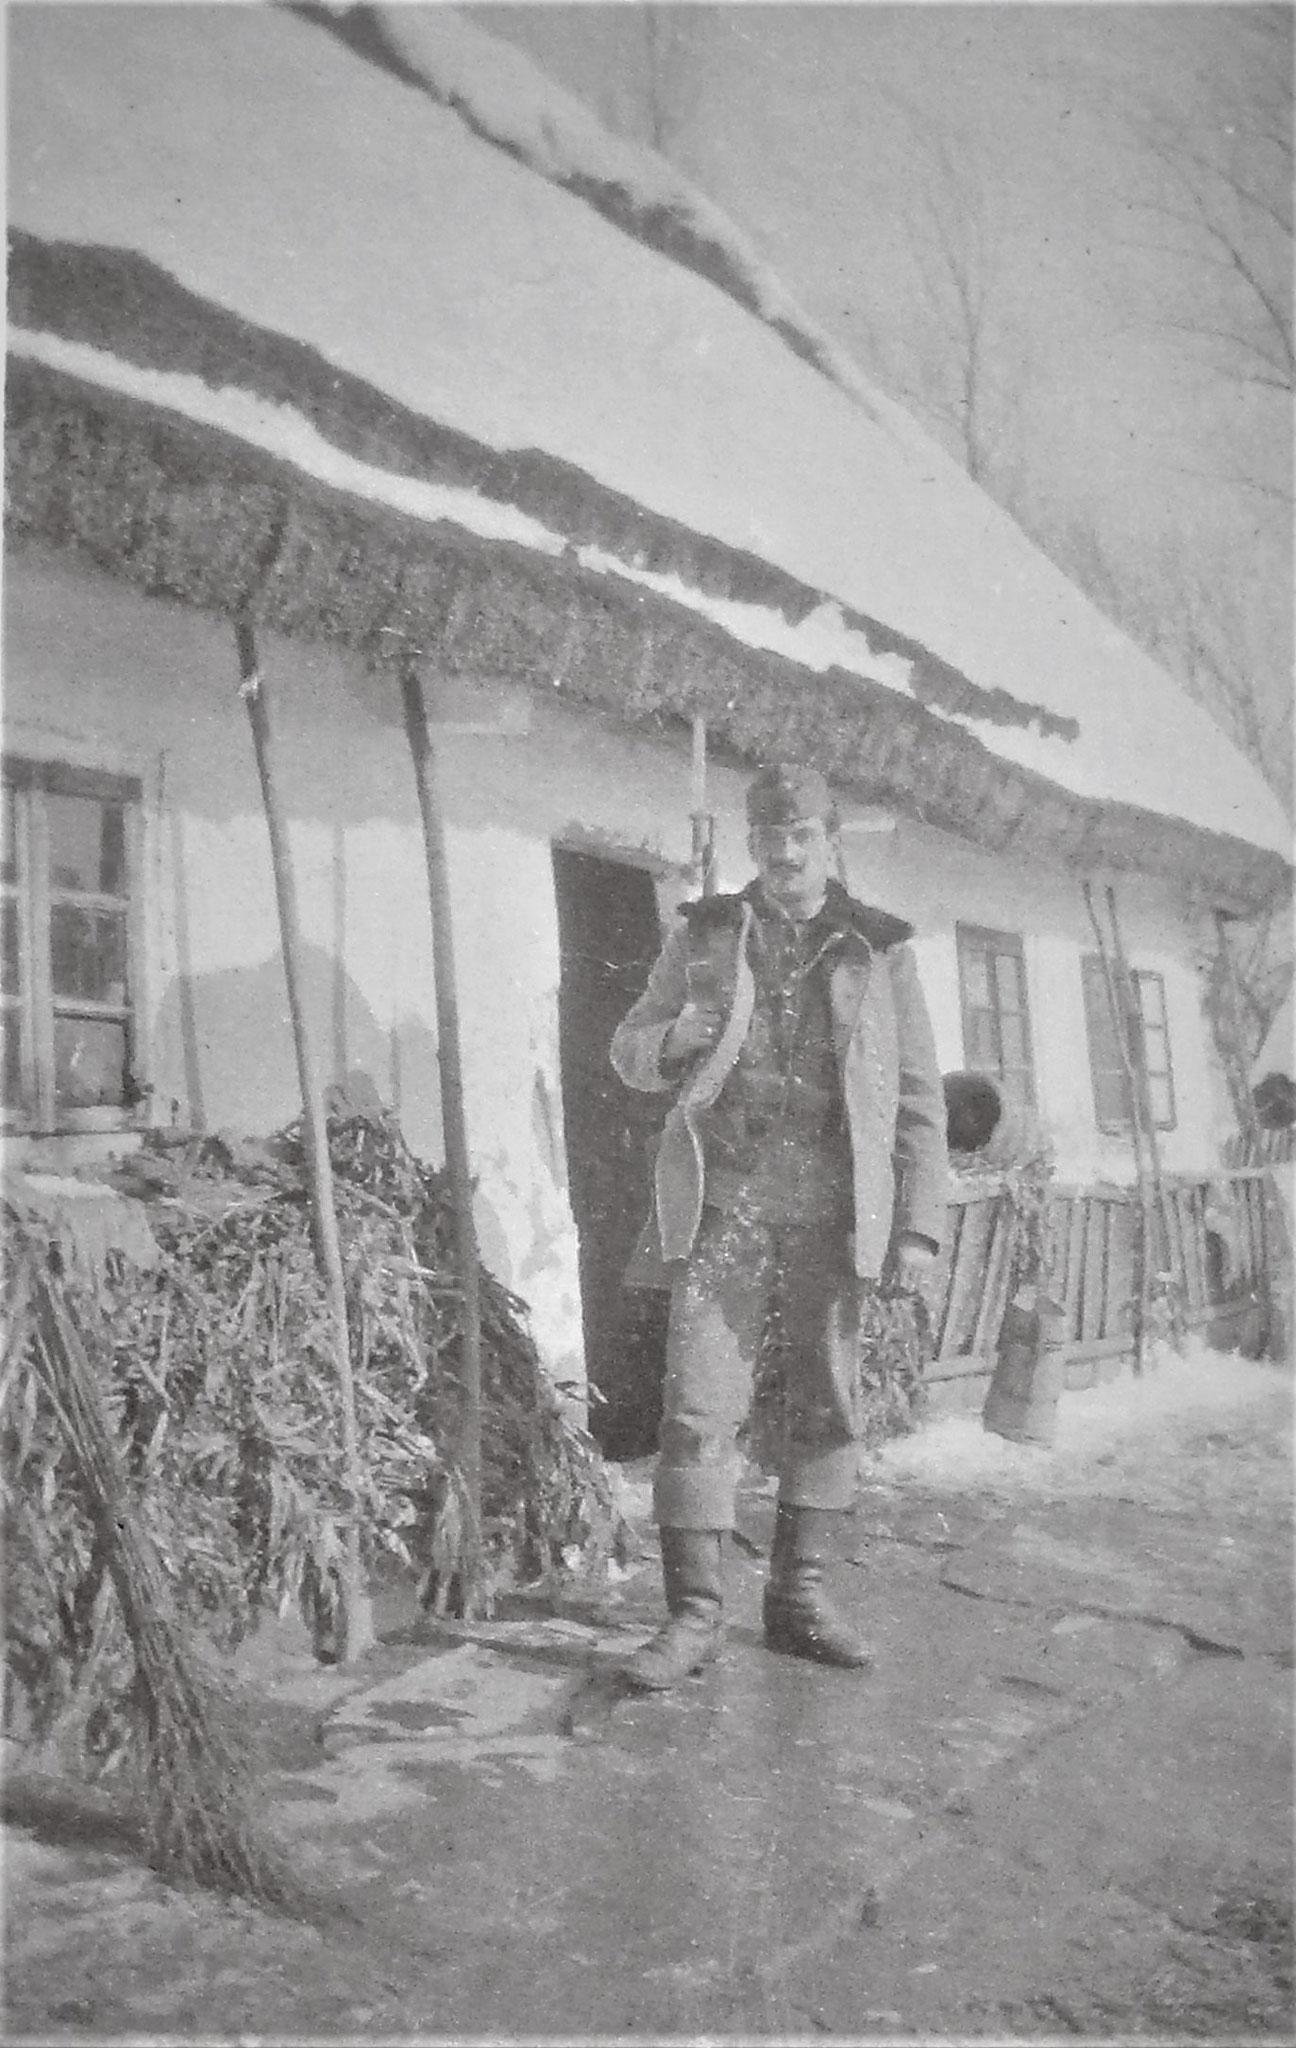 Das Telefonhaus, davor Kpl Leisacher (1. Esk).